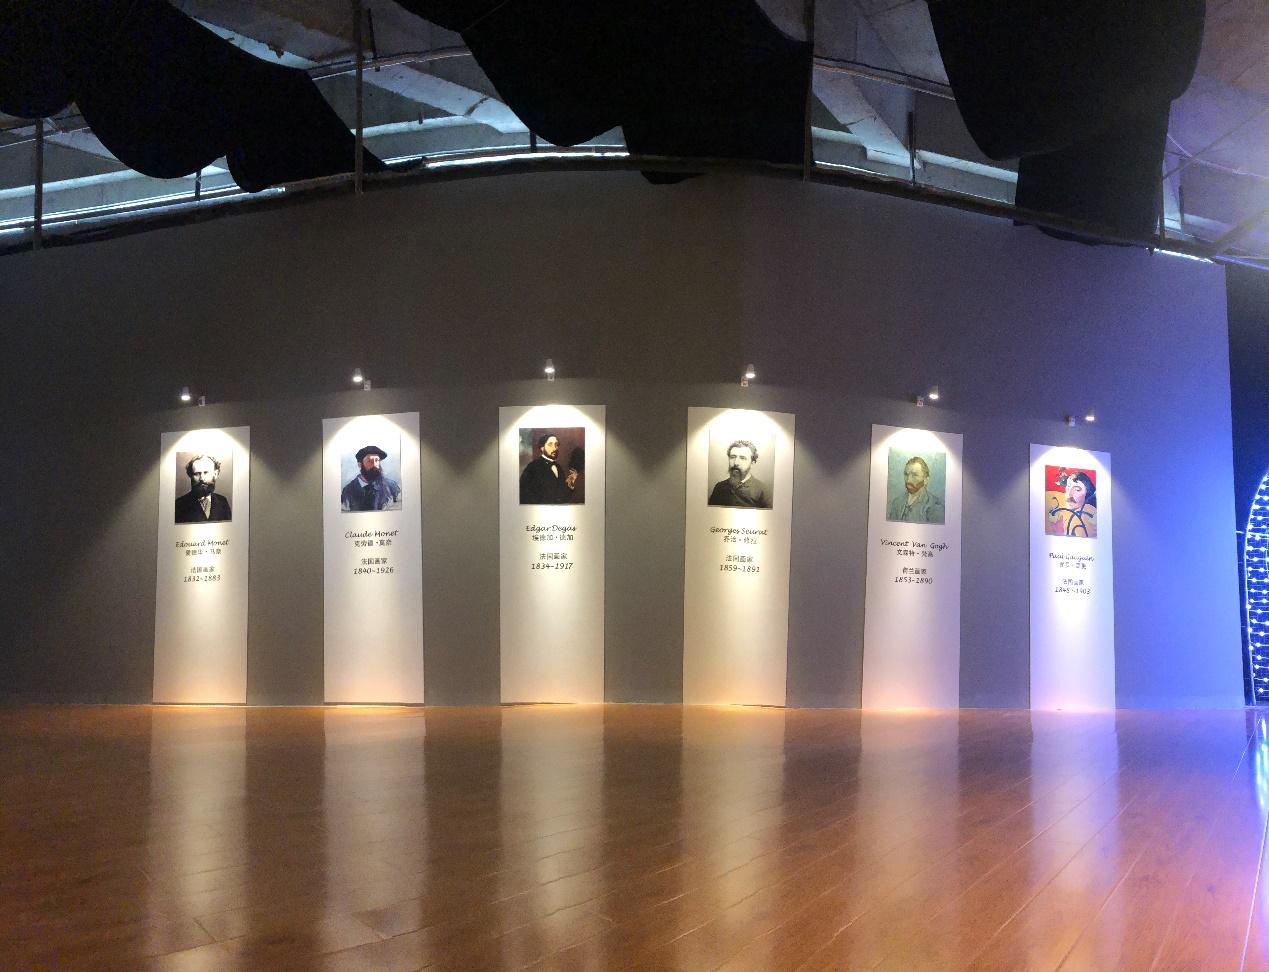 遇见印象派•光影互动艺术展在南京开展